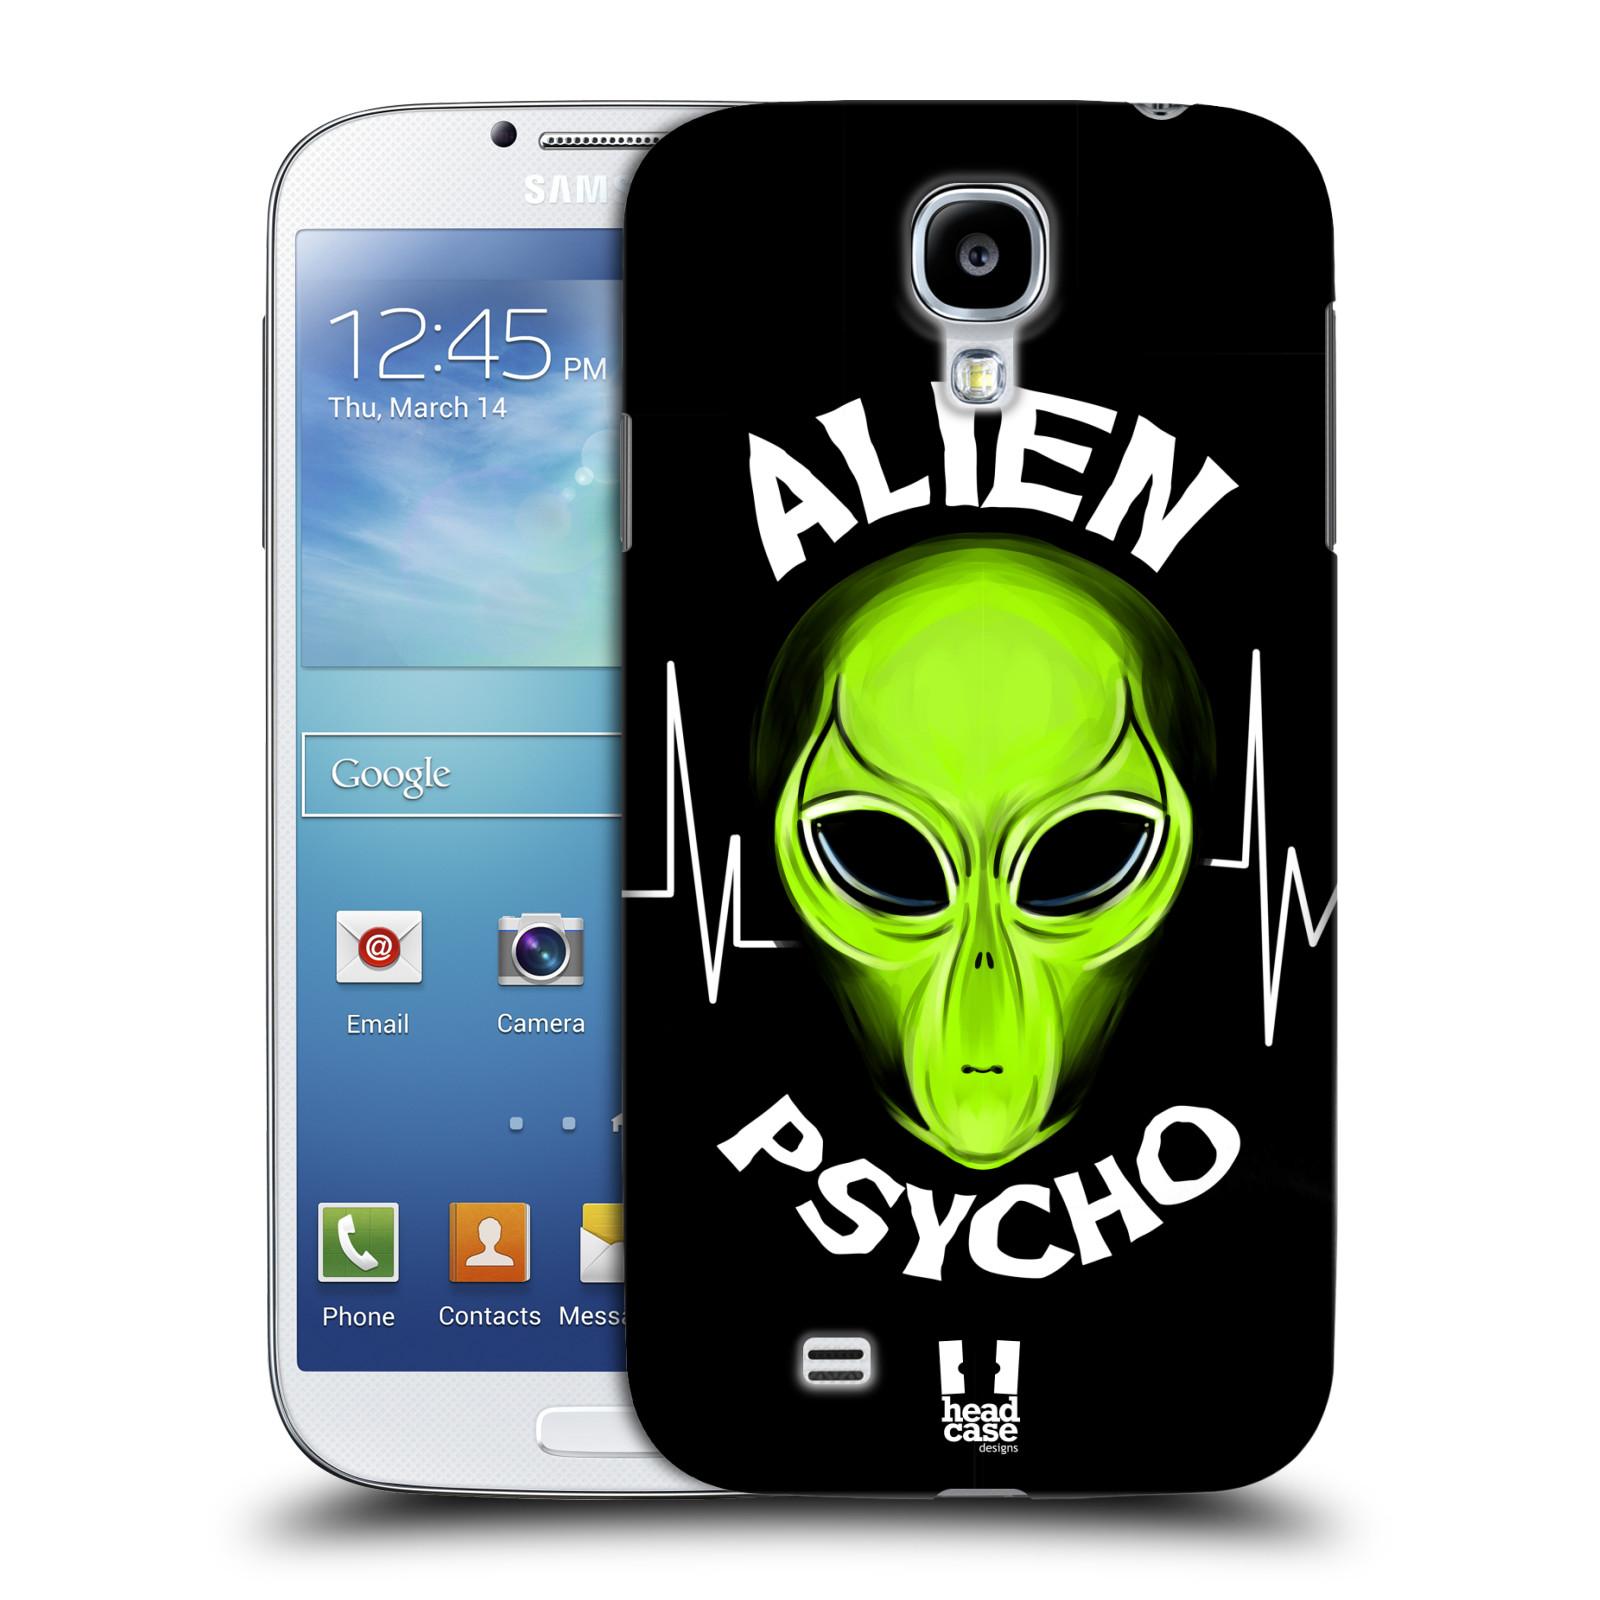 Plastové pouzdro na mobil Samsung Galaxy S4 HEAD CASE ALIENS PSYCHO (Kryt či obal na mobilní telefon Samsung Galaxy S4 GT-i9505 / i9500)